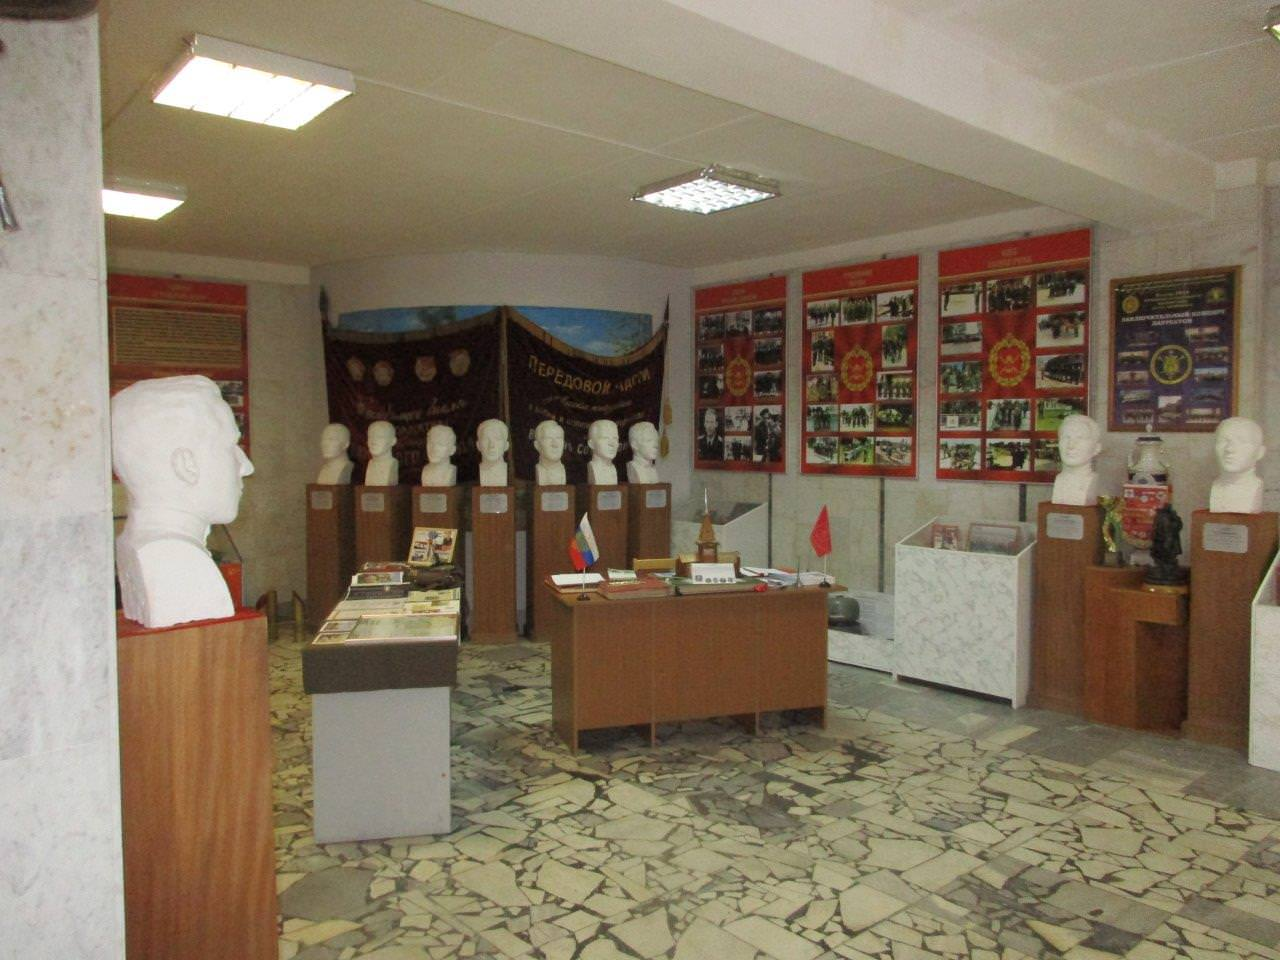 2020-02-23. Второй зал музея, где находится стенд, посвященный ГСВСК.